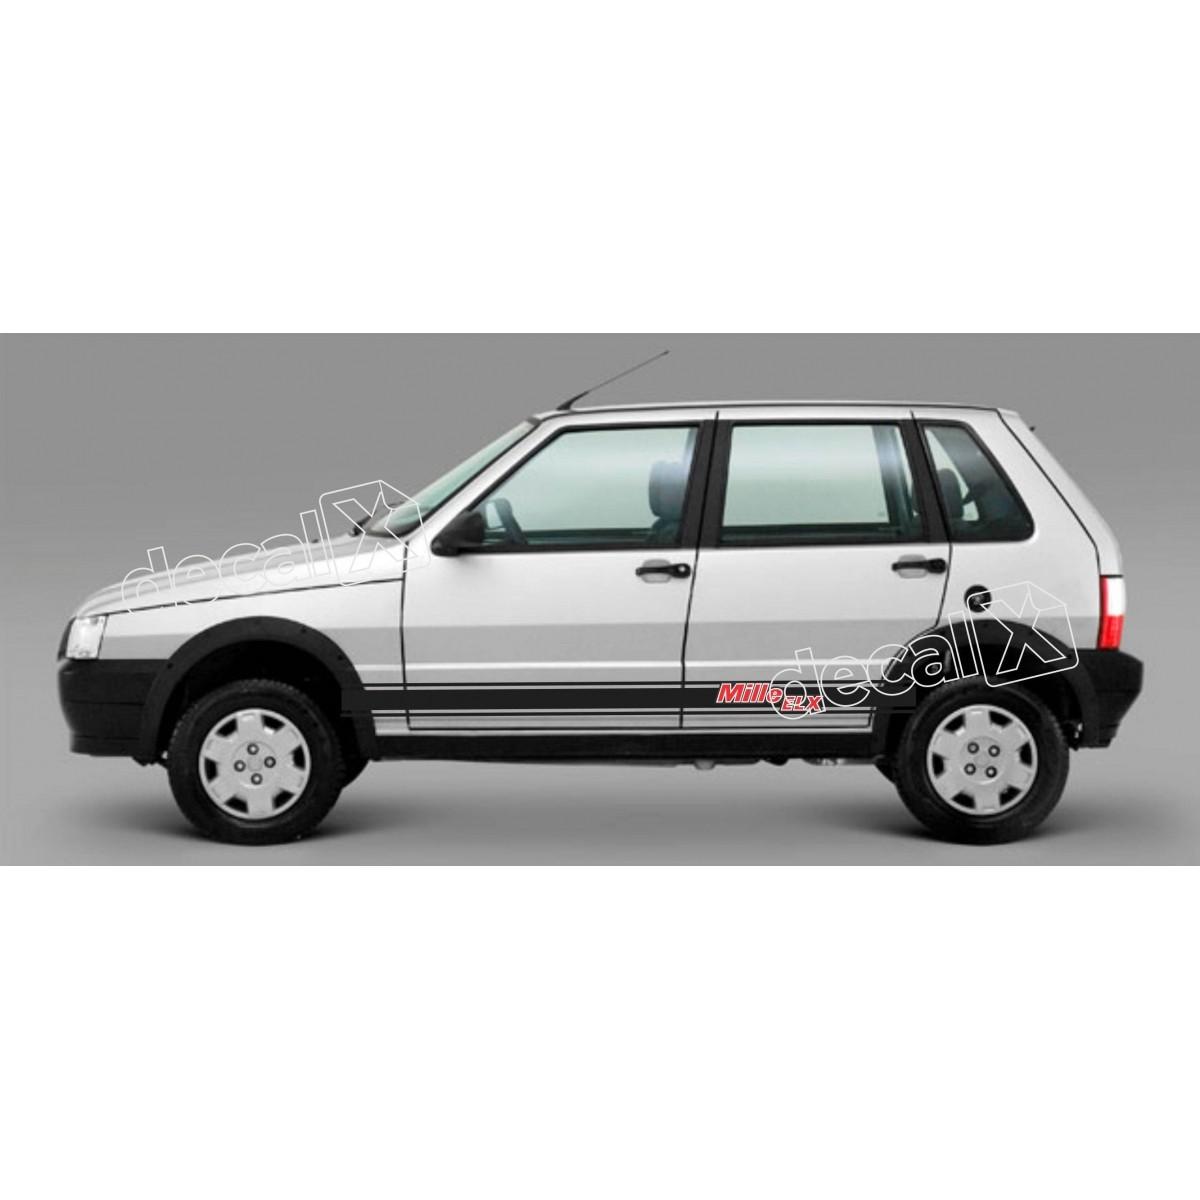 Adesivo Faixa Lateral Fiat Uno Unod4